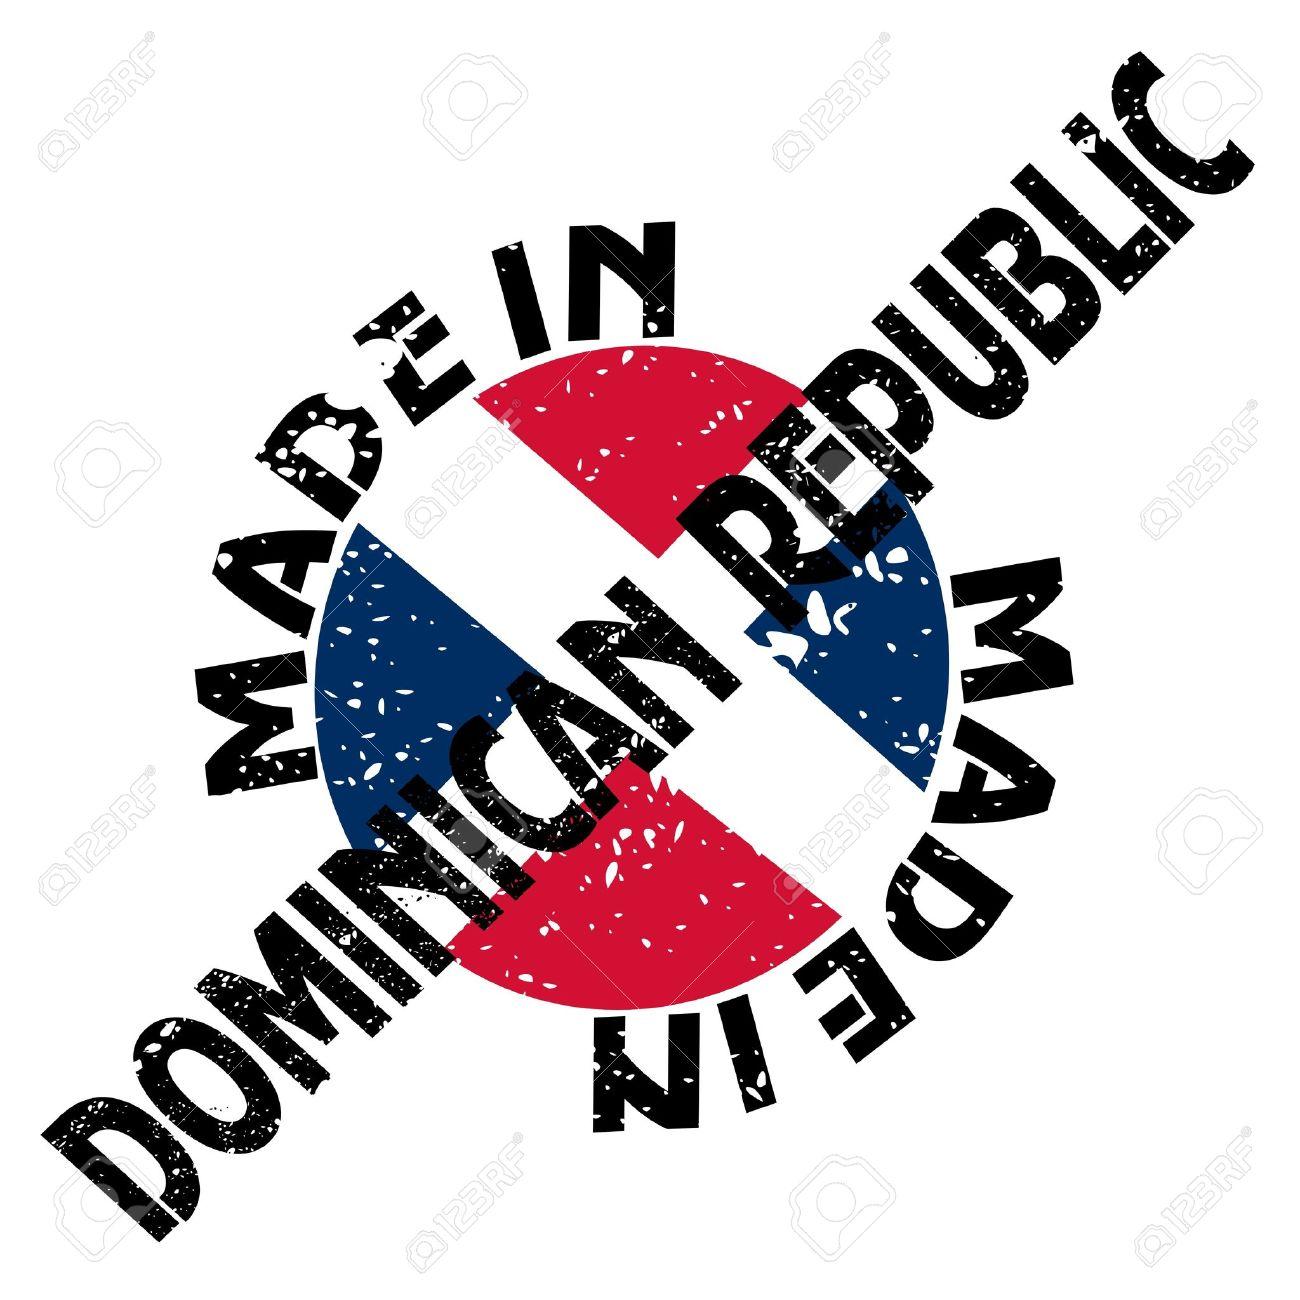 Dominican republic clipart.